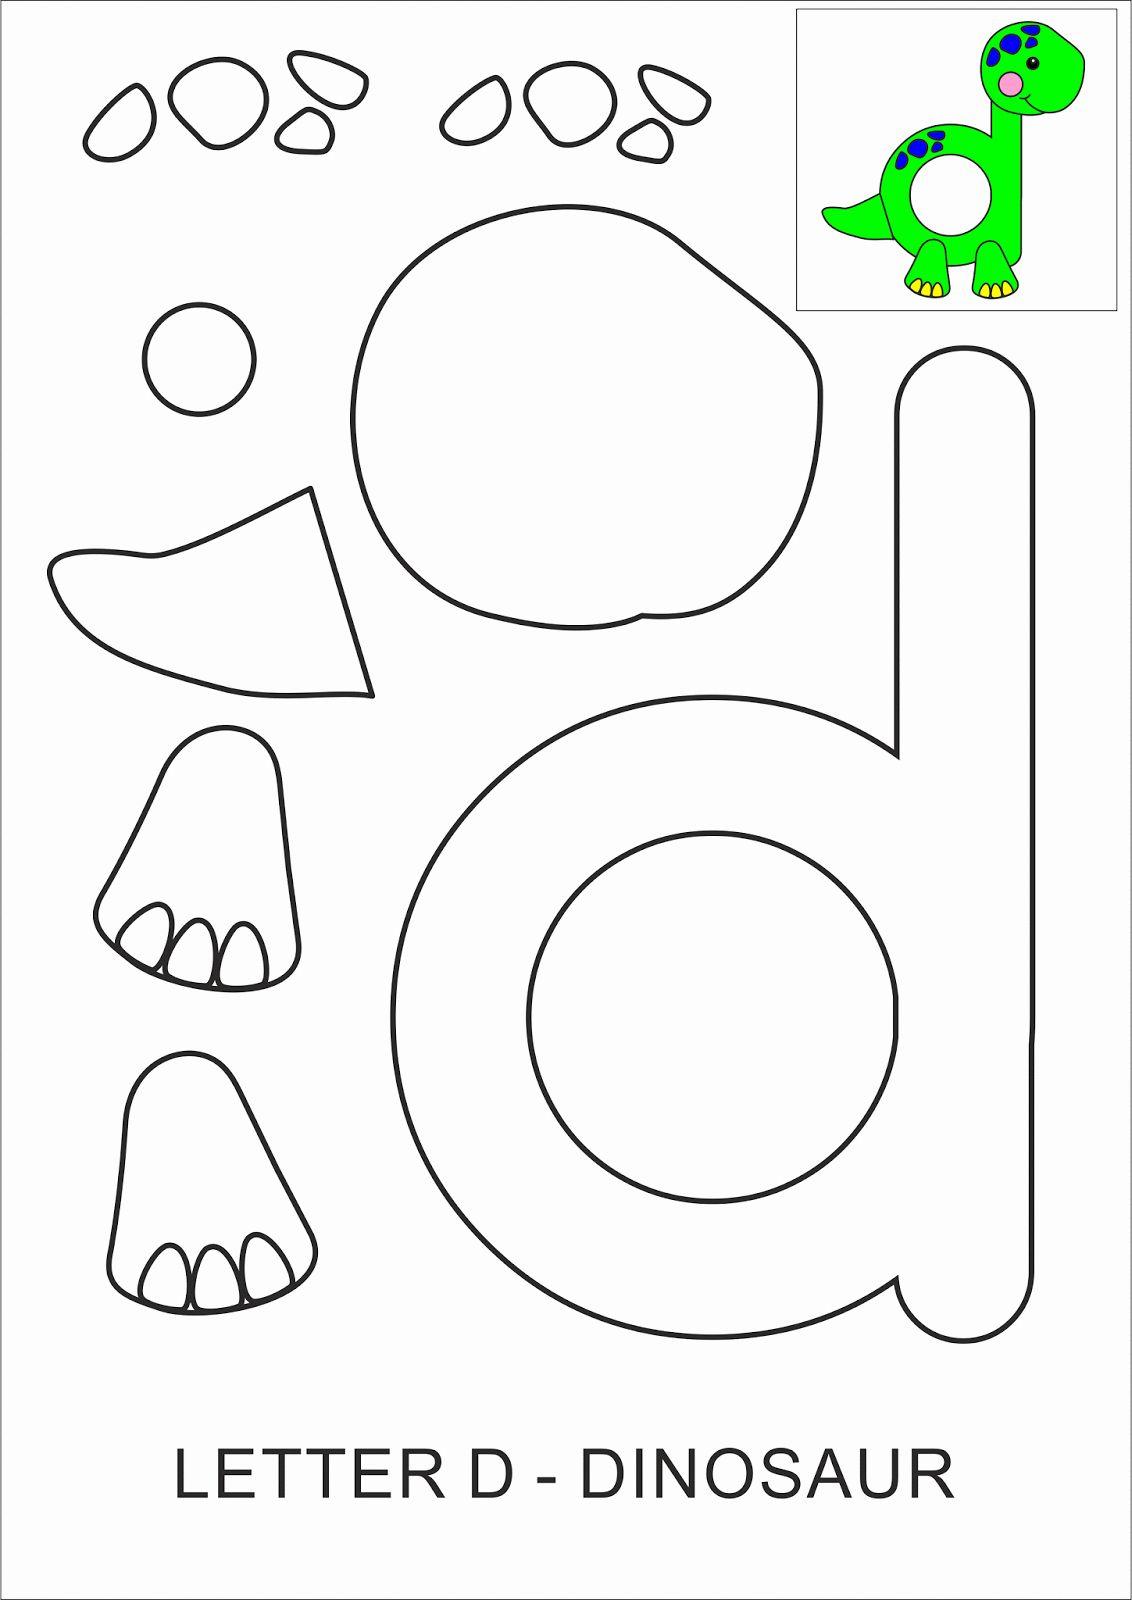 Letter D Worksheet For Preschool Beautiful Letter D Crafts For Preschool Preschool And Kindergarten In 2020 Letter D Crafts Dinosaur Crafts Preschool Preschool Letters